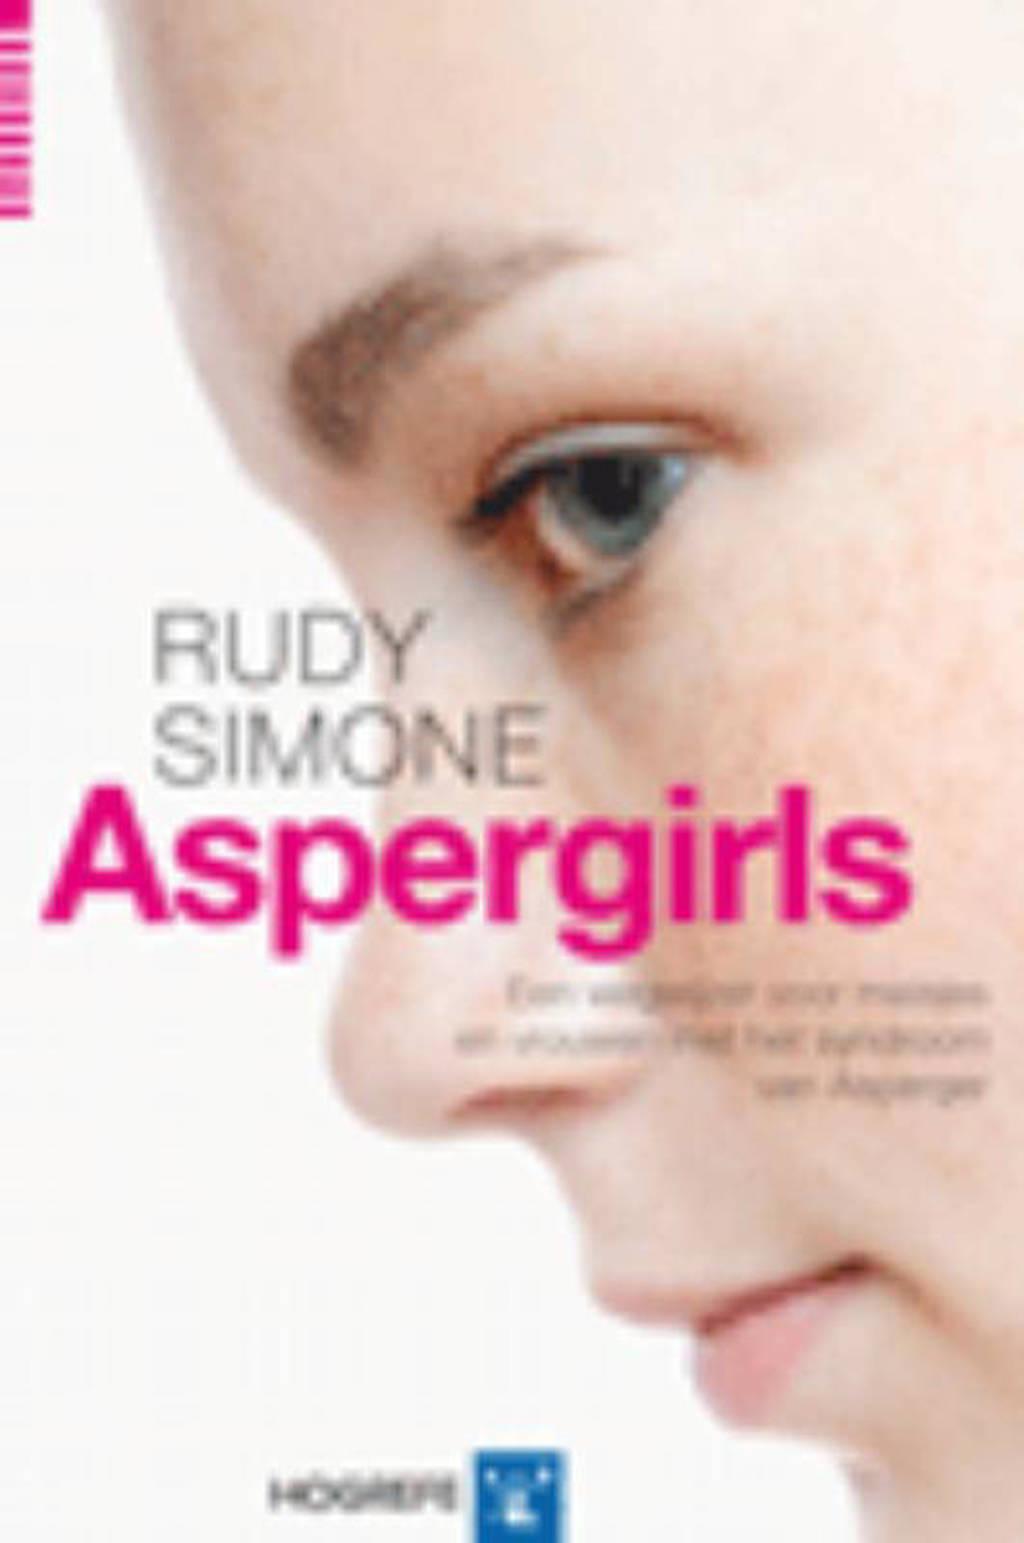 Aspergirls - Rudy Simone